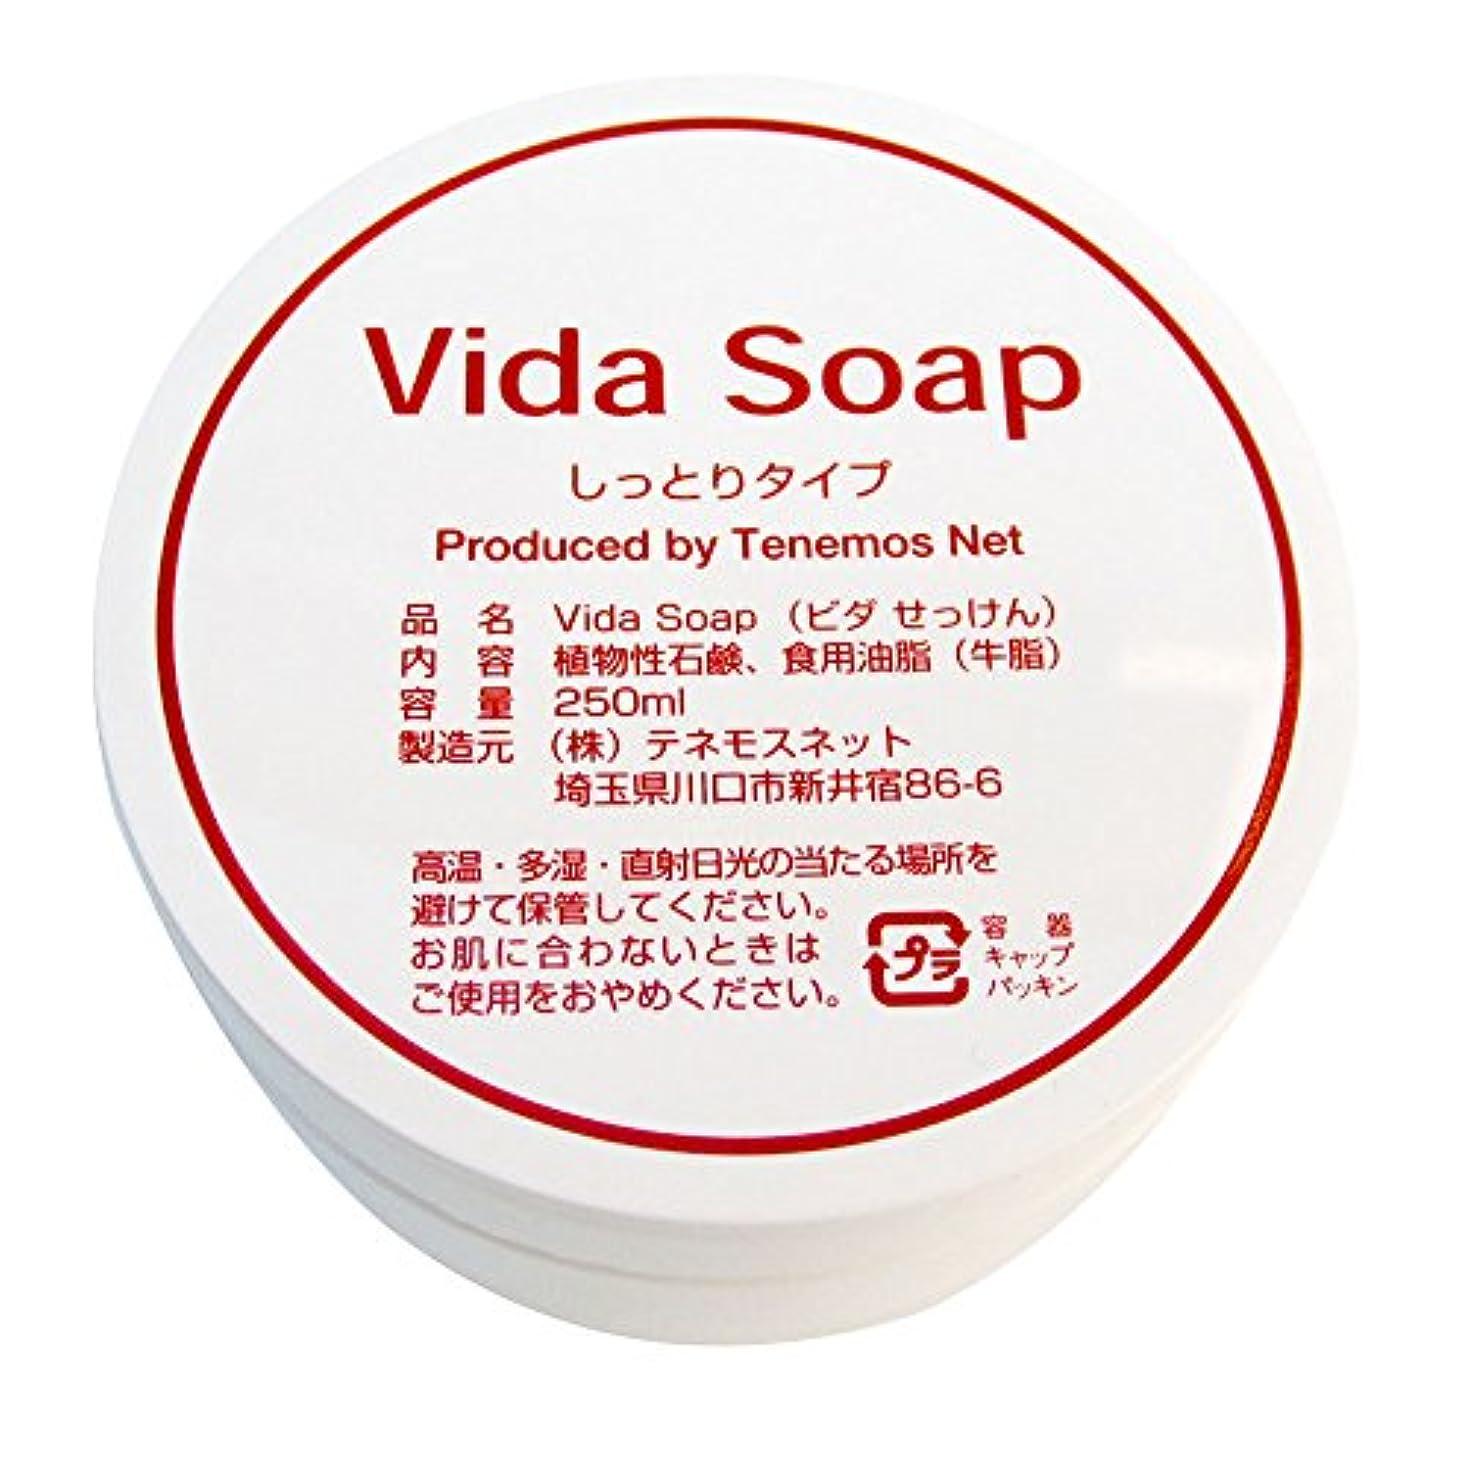 状積分等テネモス ビダせっけん Vida Soap しっとりノーマル 動物性 250ml